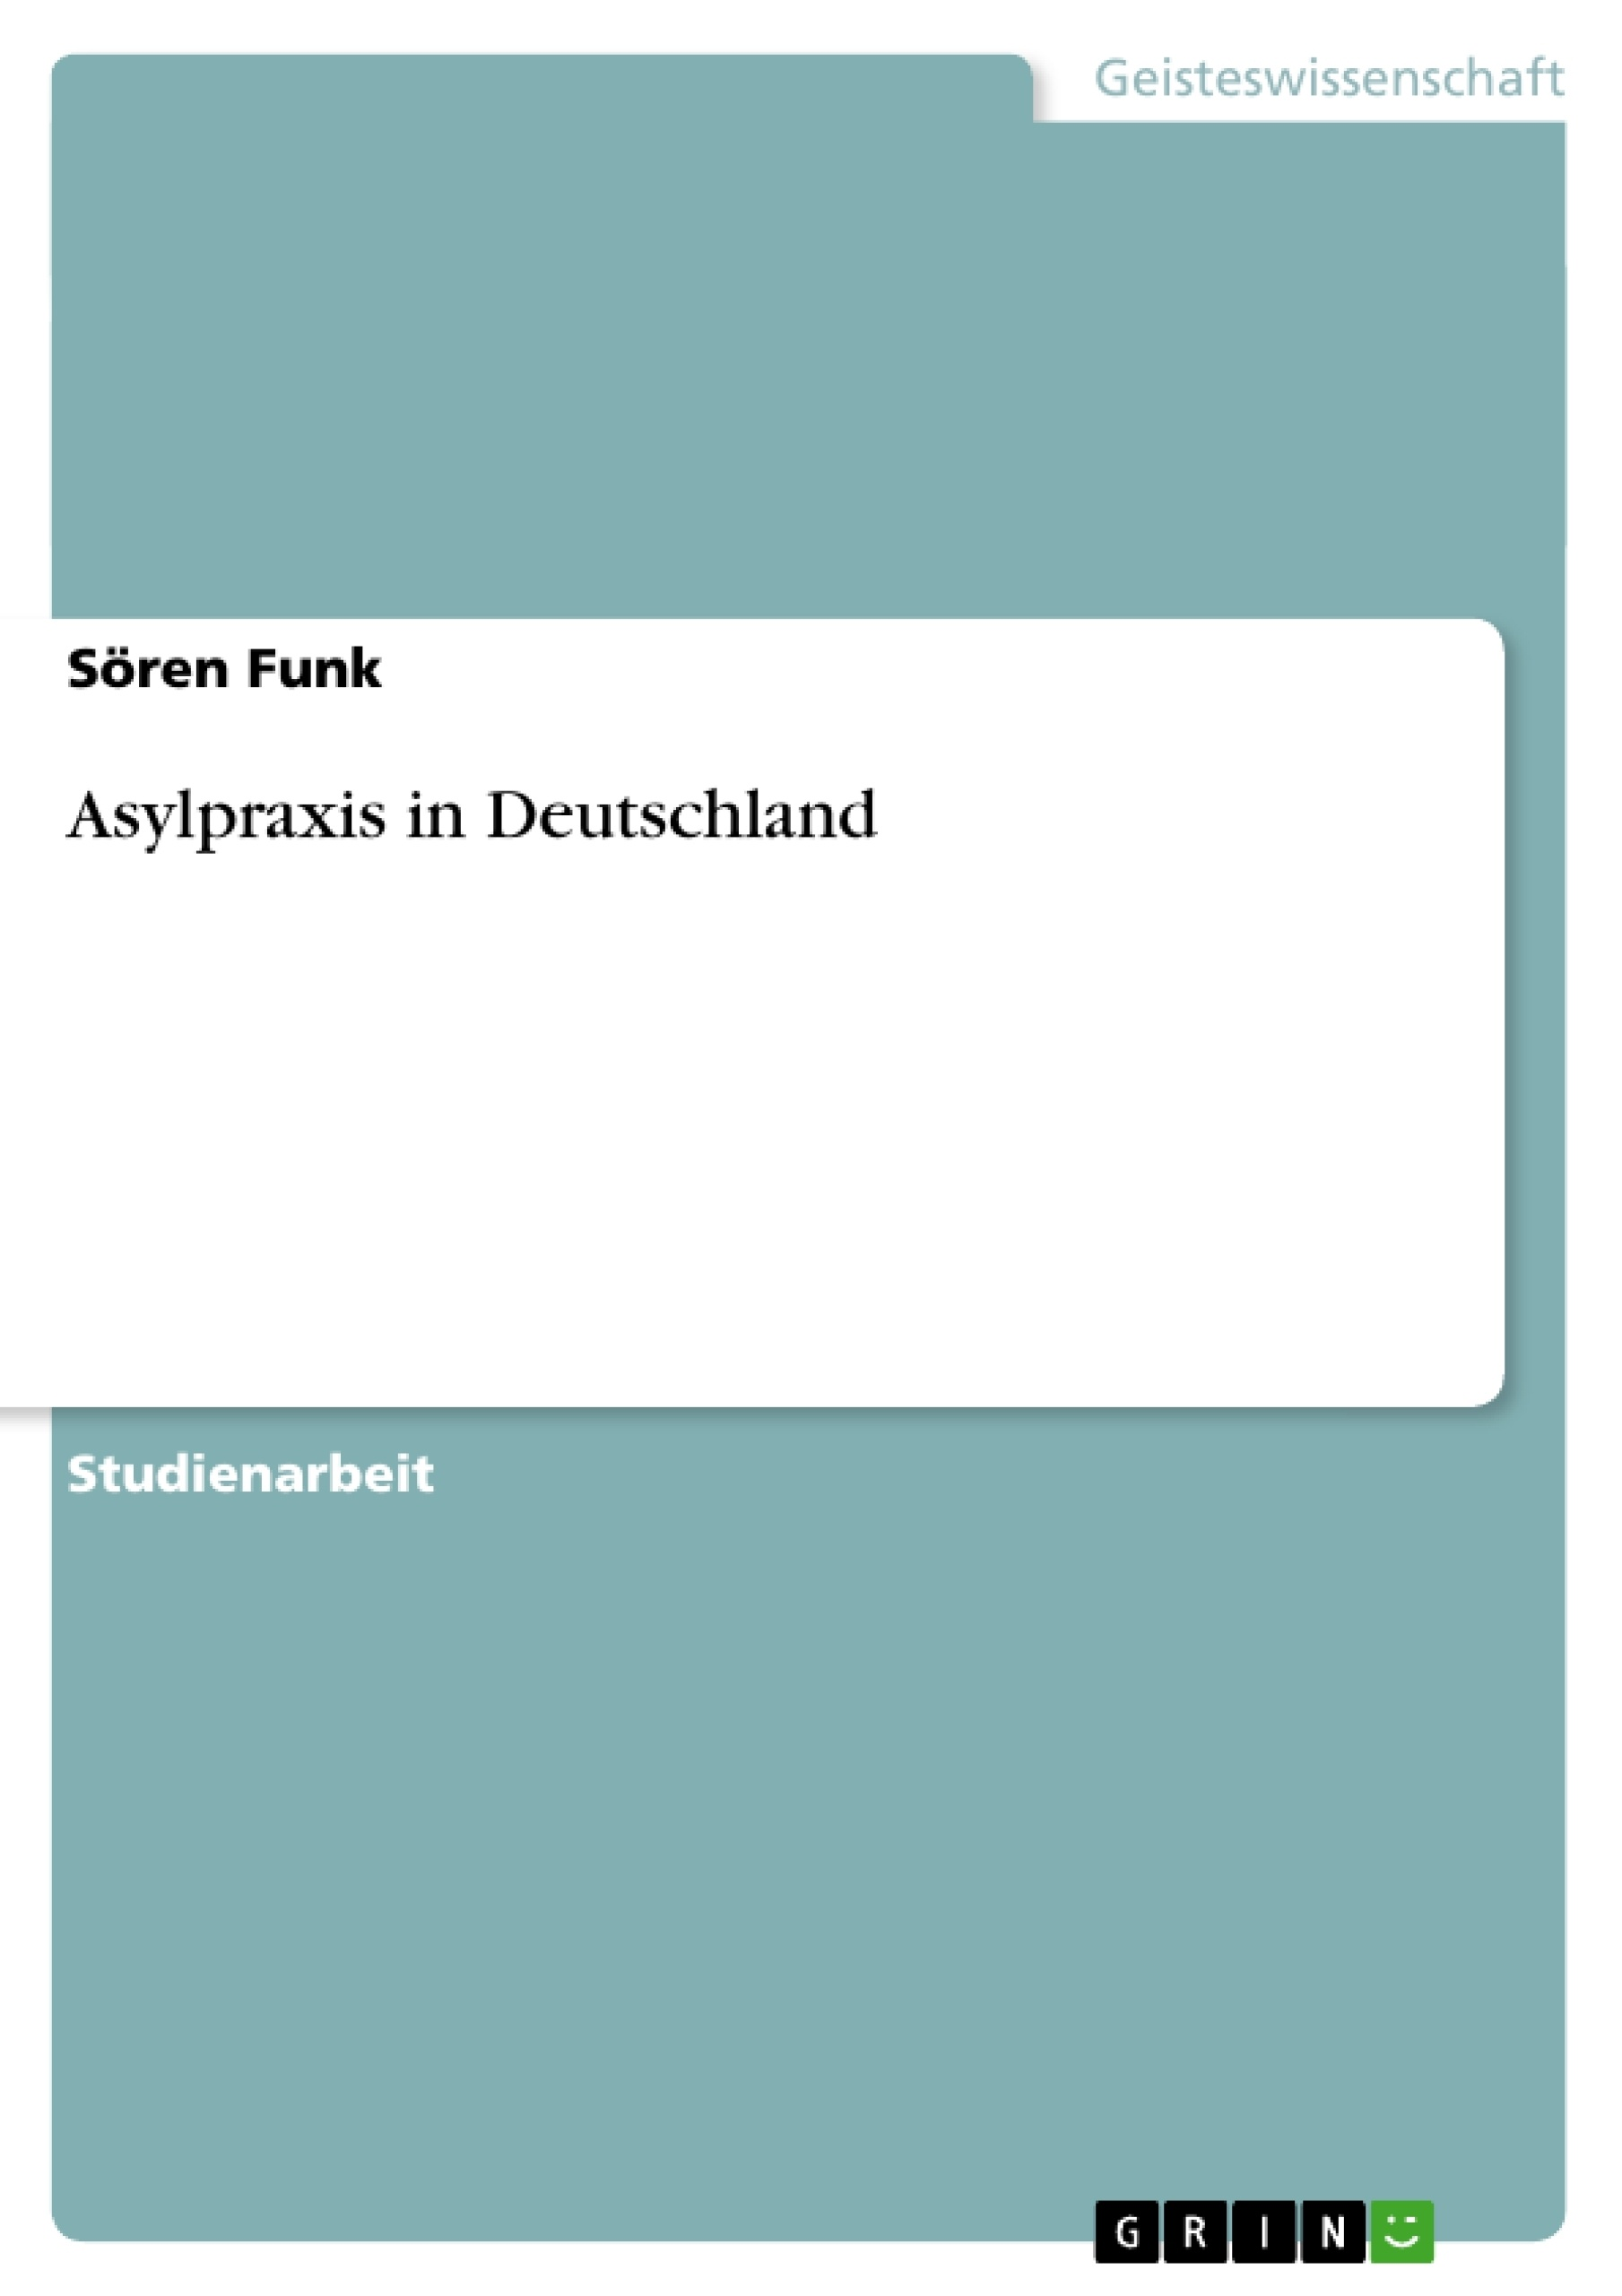 Titel: Asylpraxis in Deutschland